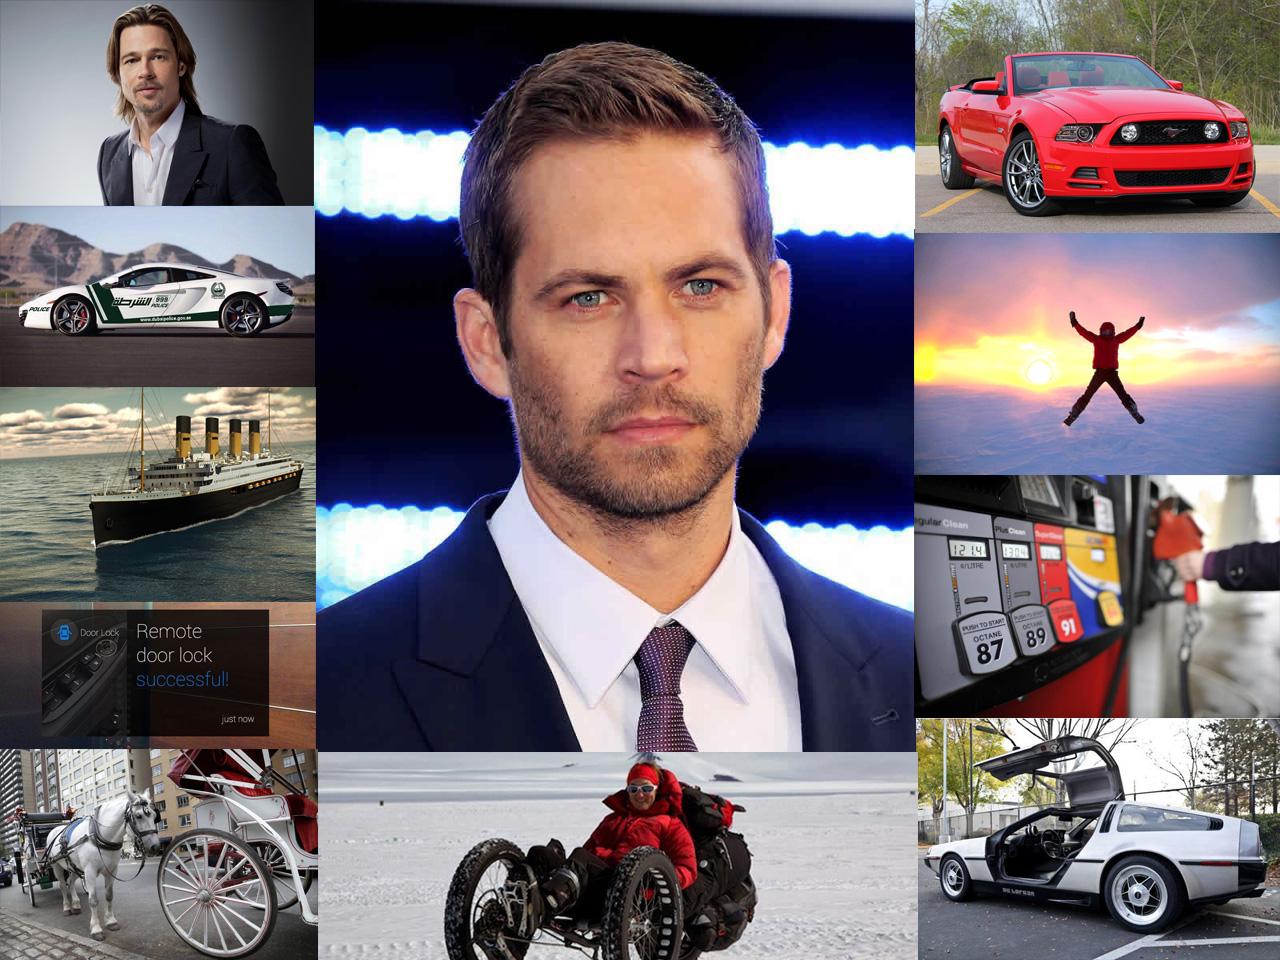 【爆新聞】十次車九次快、保羅沃克因朋友超速而先走一步!朋友愛開快車、你怎麼看?